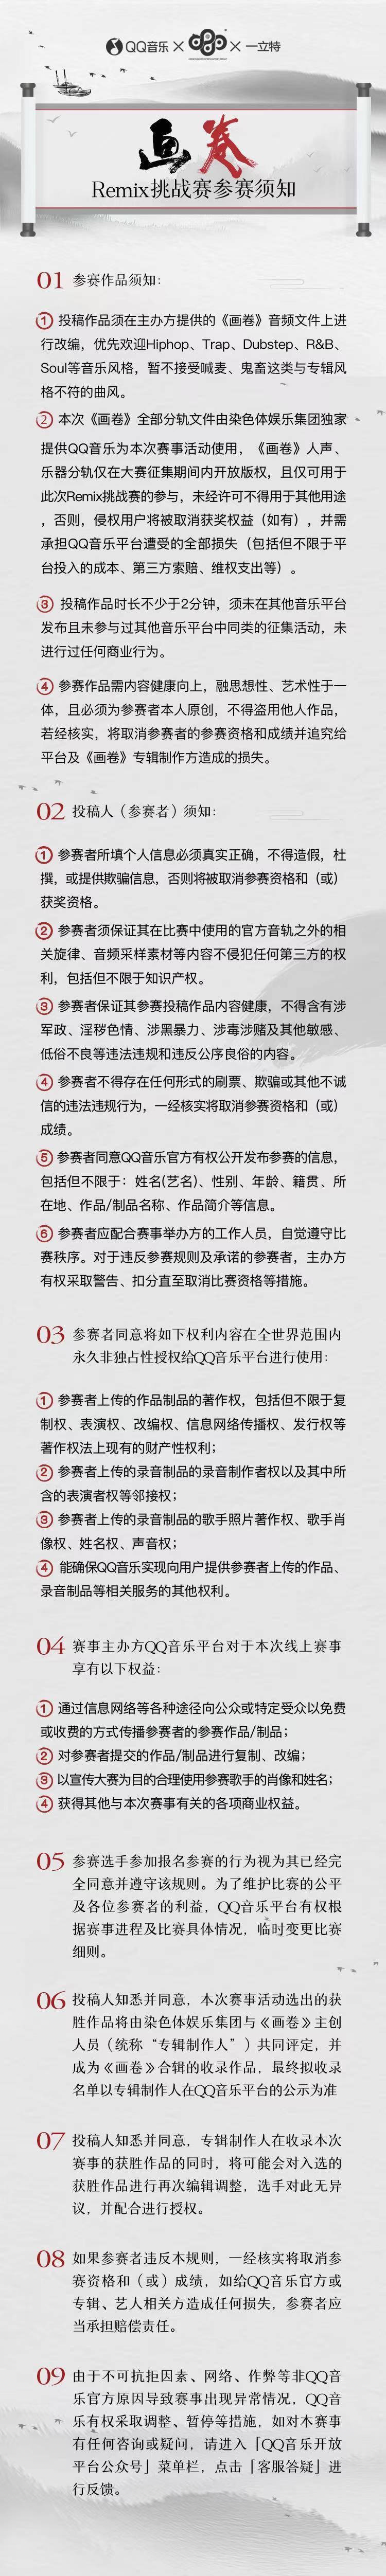 张艺兴《画卷》Remix挑战赛正式启动 向优秀音乐人发出创作邀请(图4)